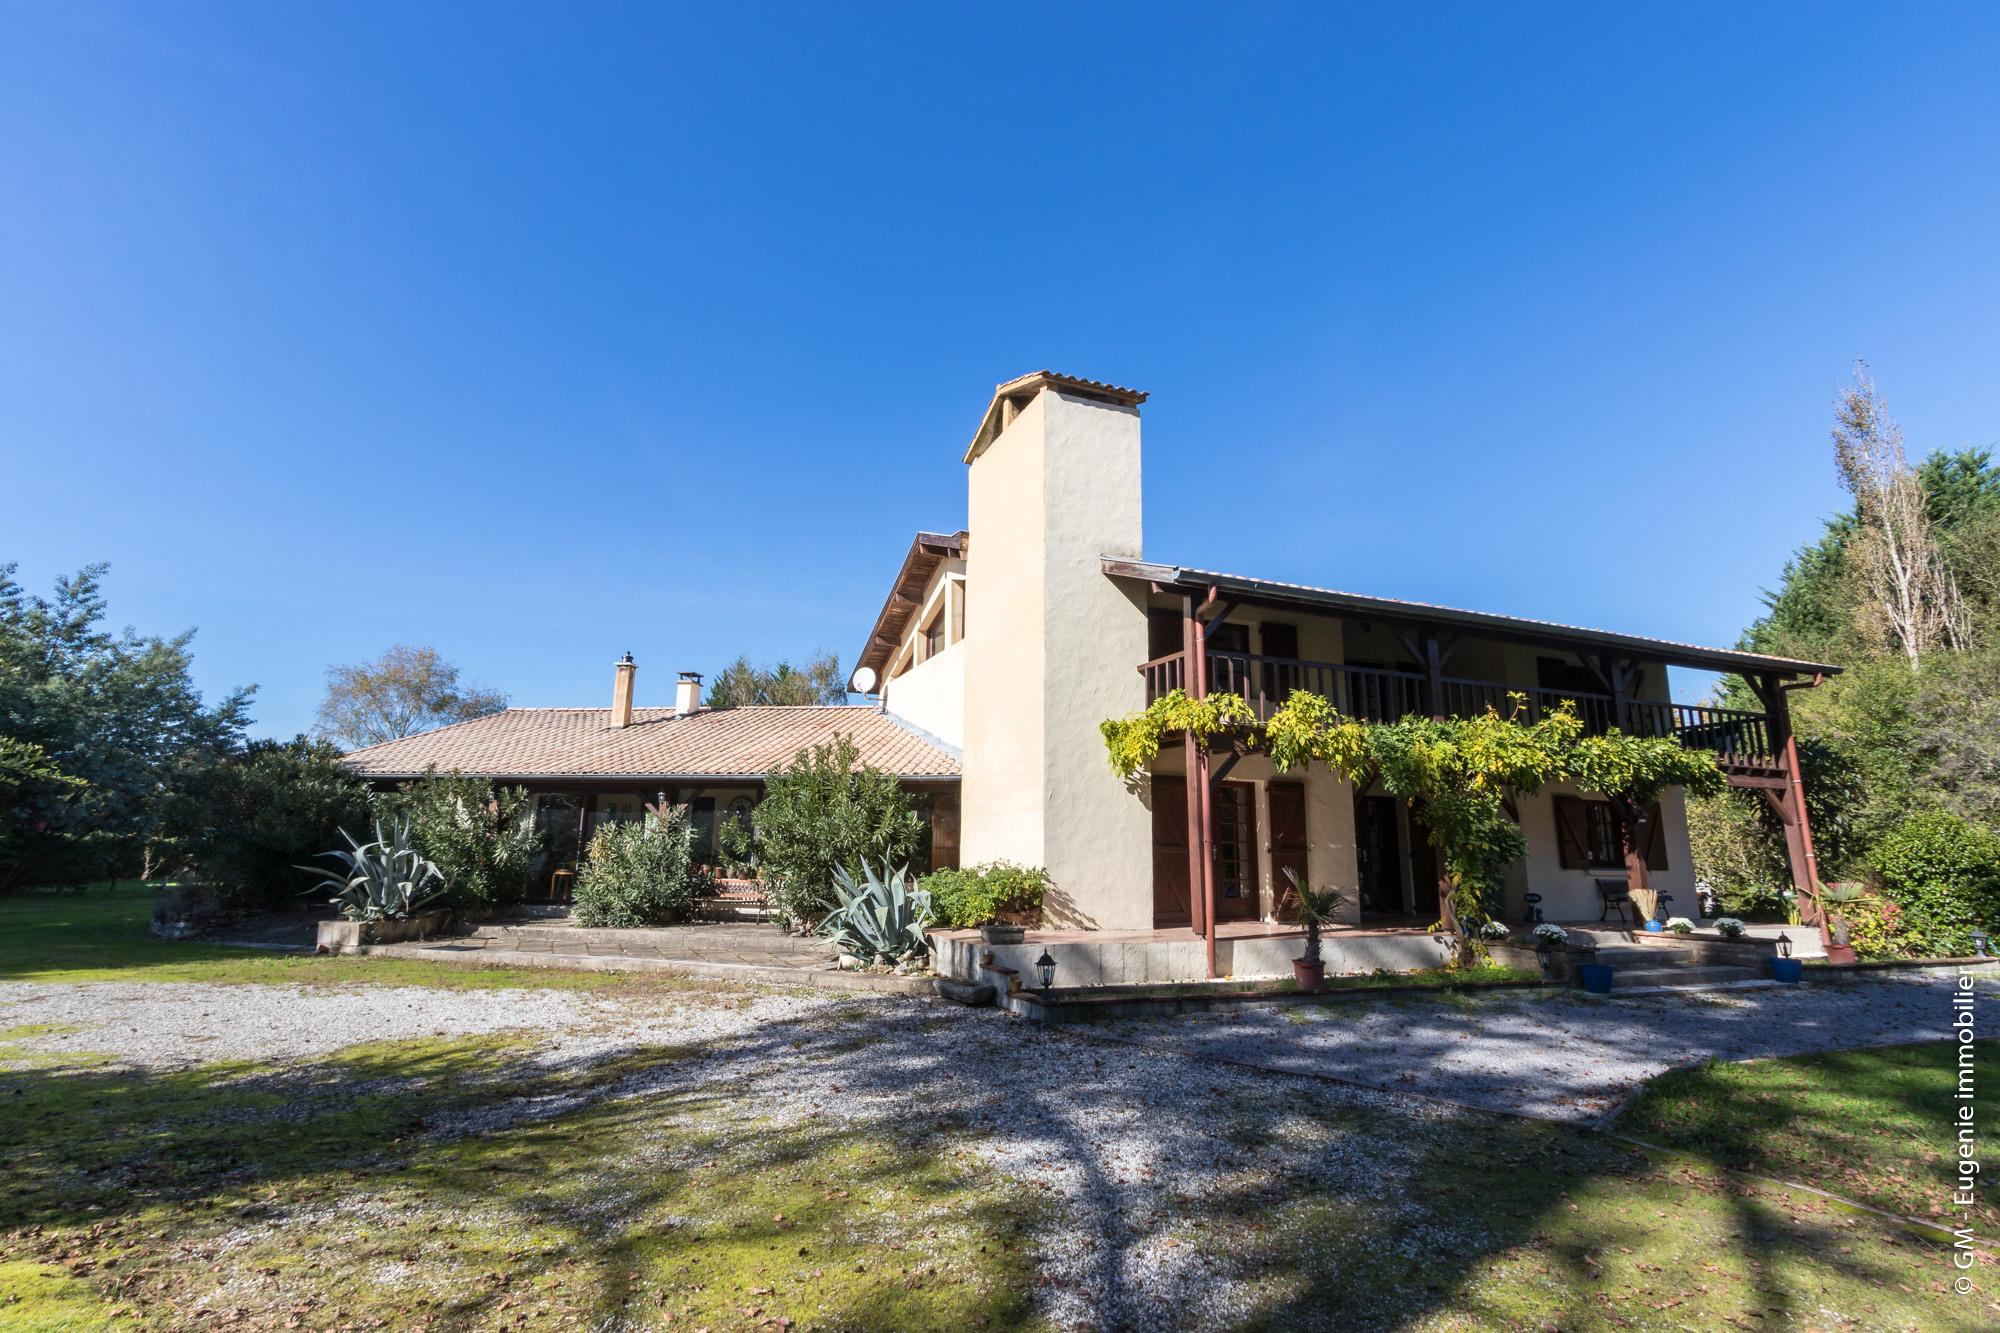 Maison d'Architecte 300 m² T7 Parc Arboré de 5400 m²